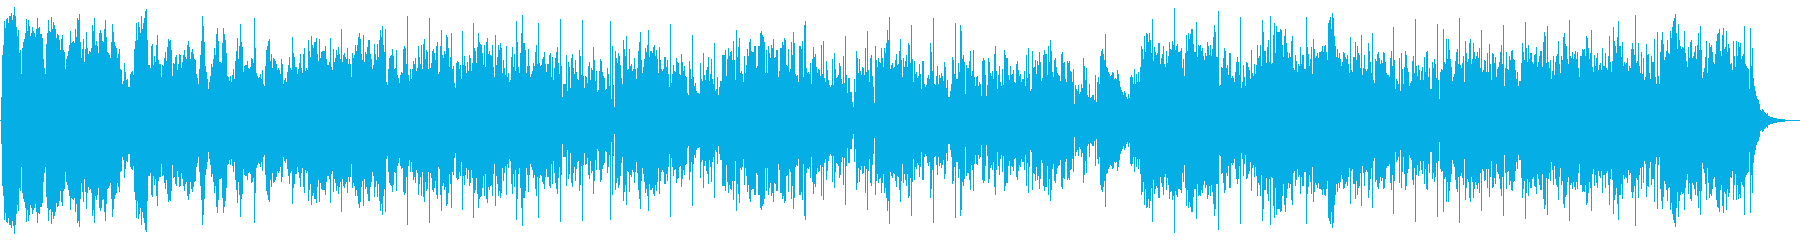 まったりなだらかなリラクゼーションBGMの再生済みの波形